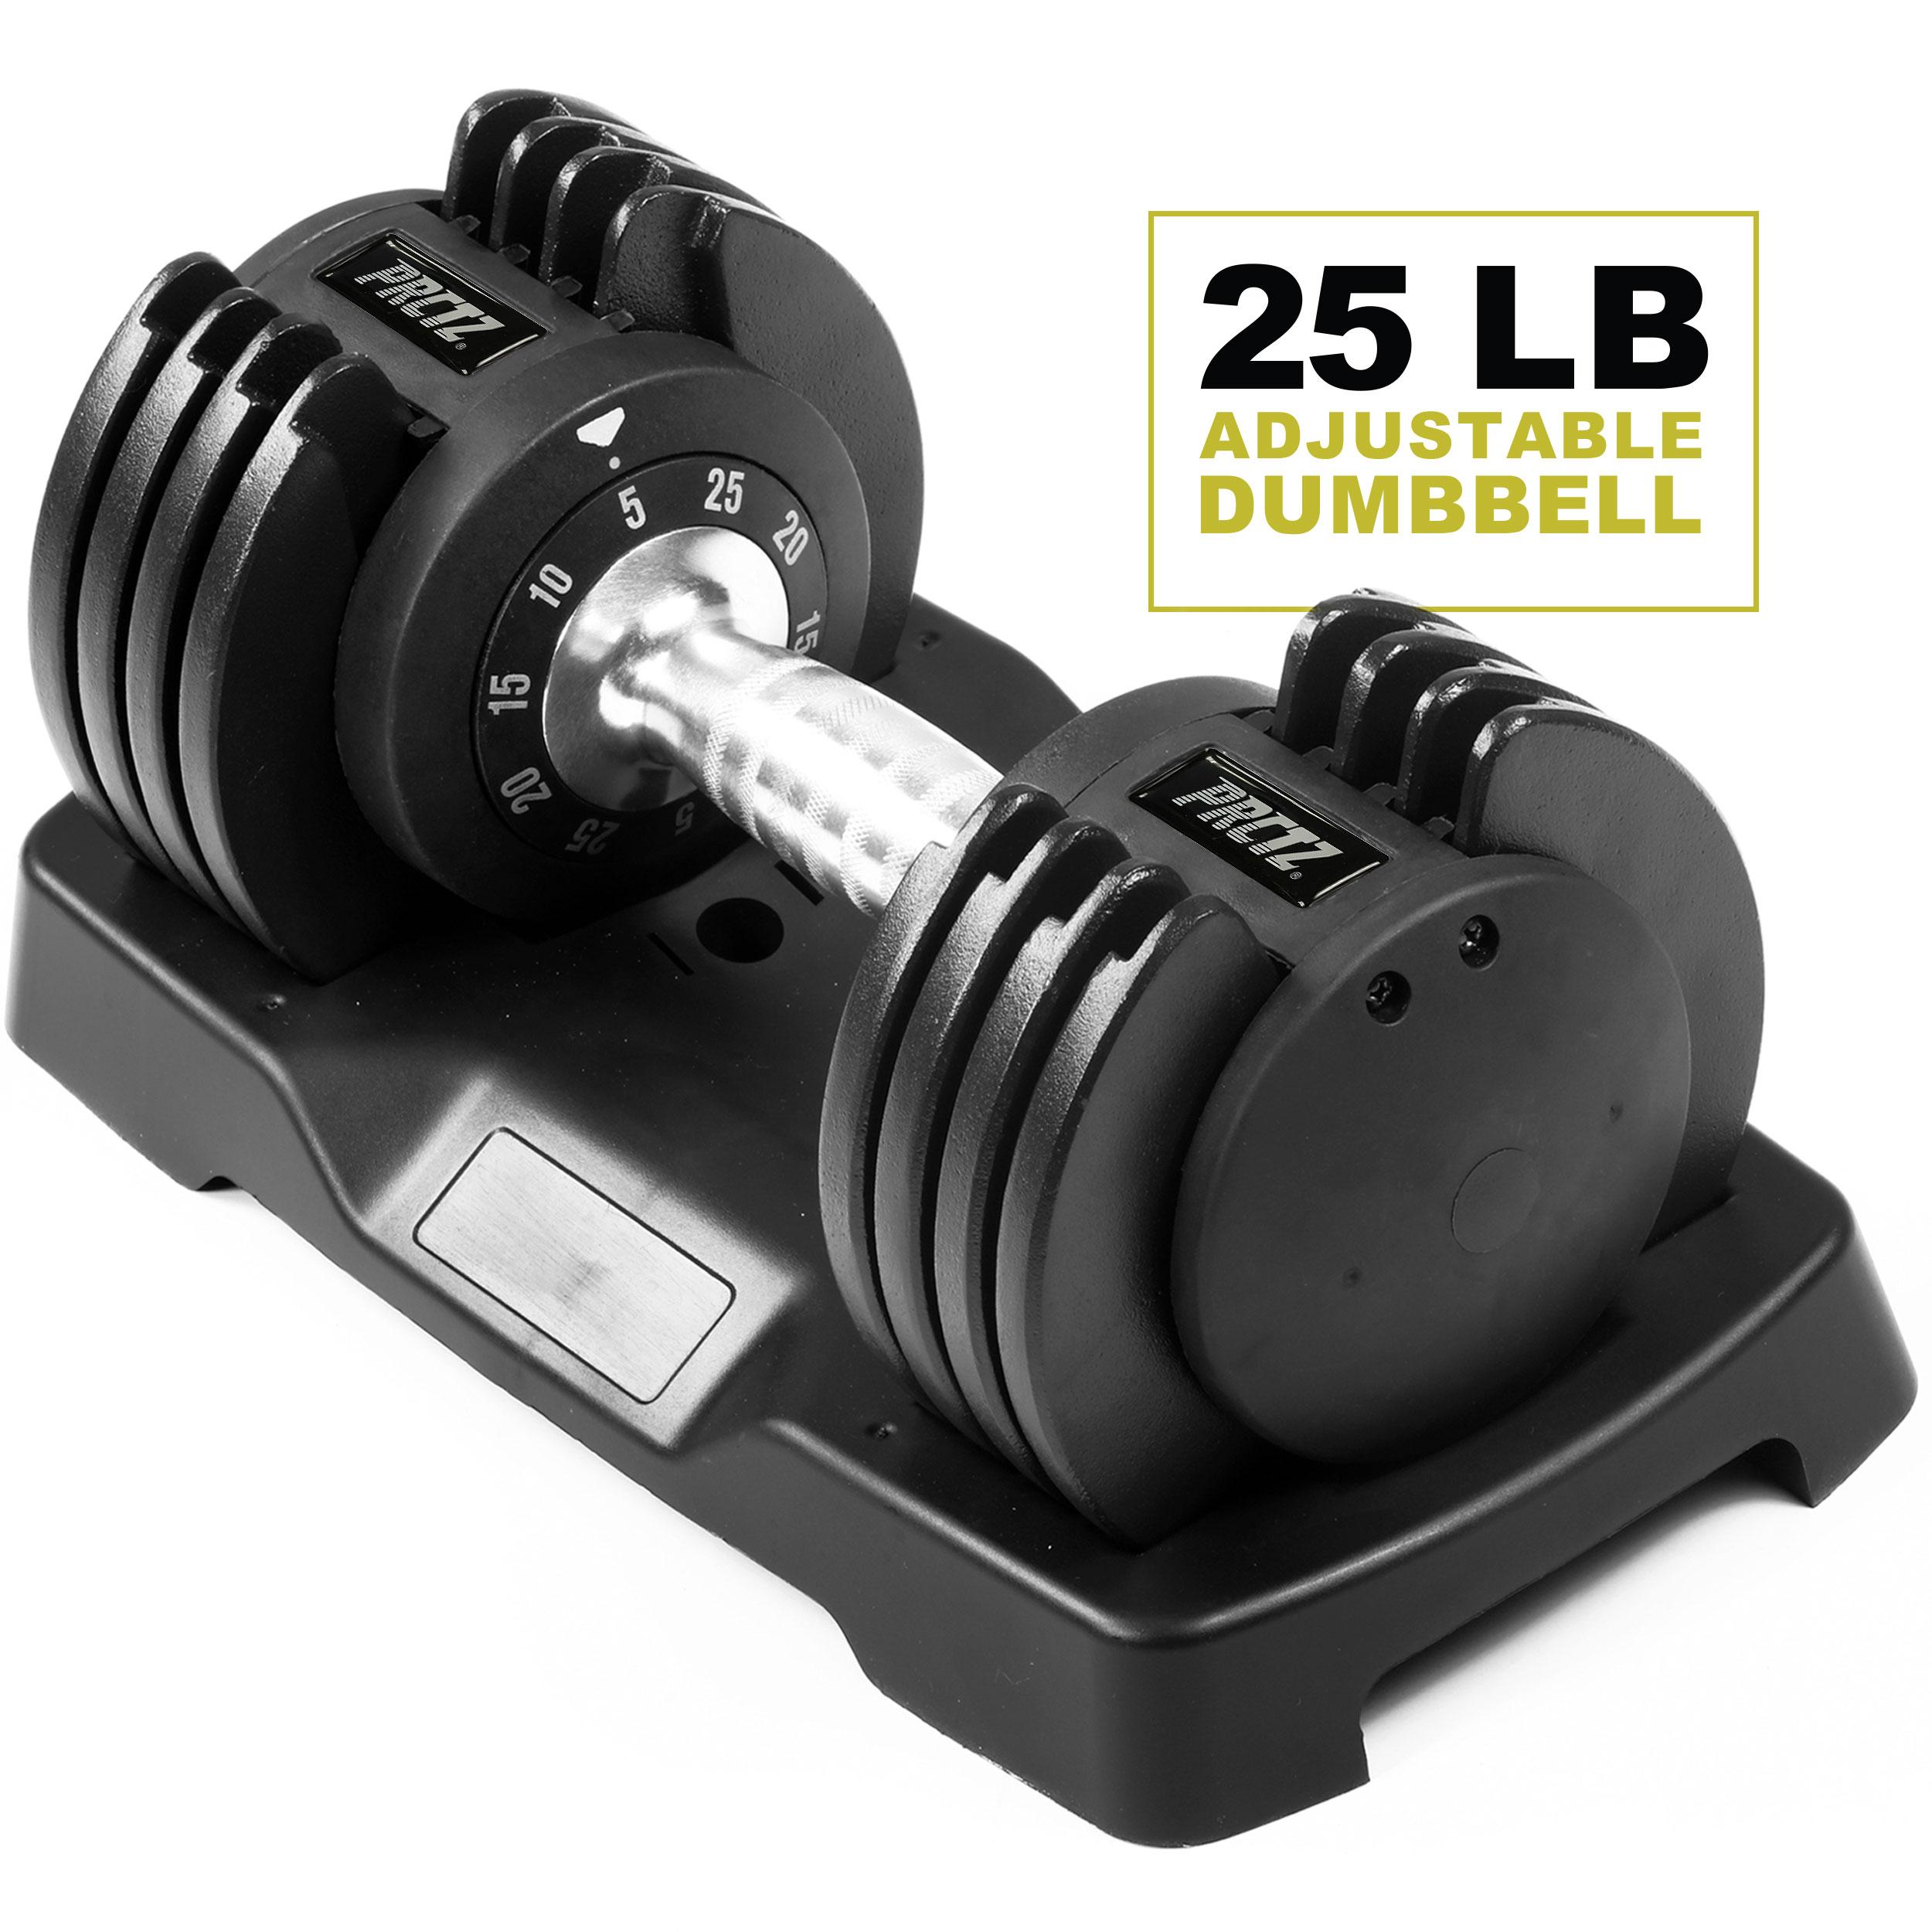 PRCTZ 25LB Adjustable Dumbbell $75